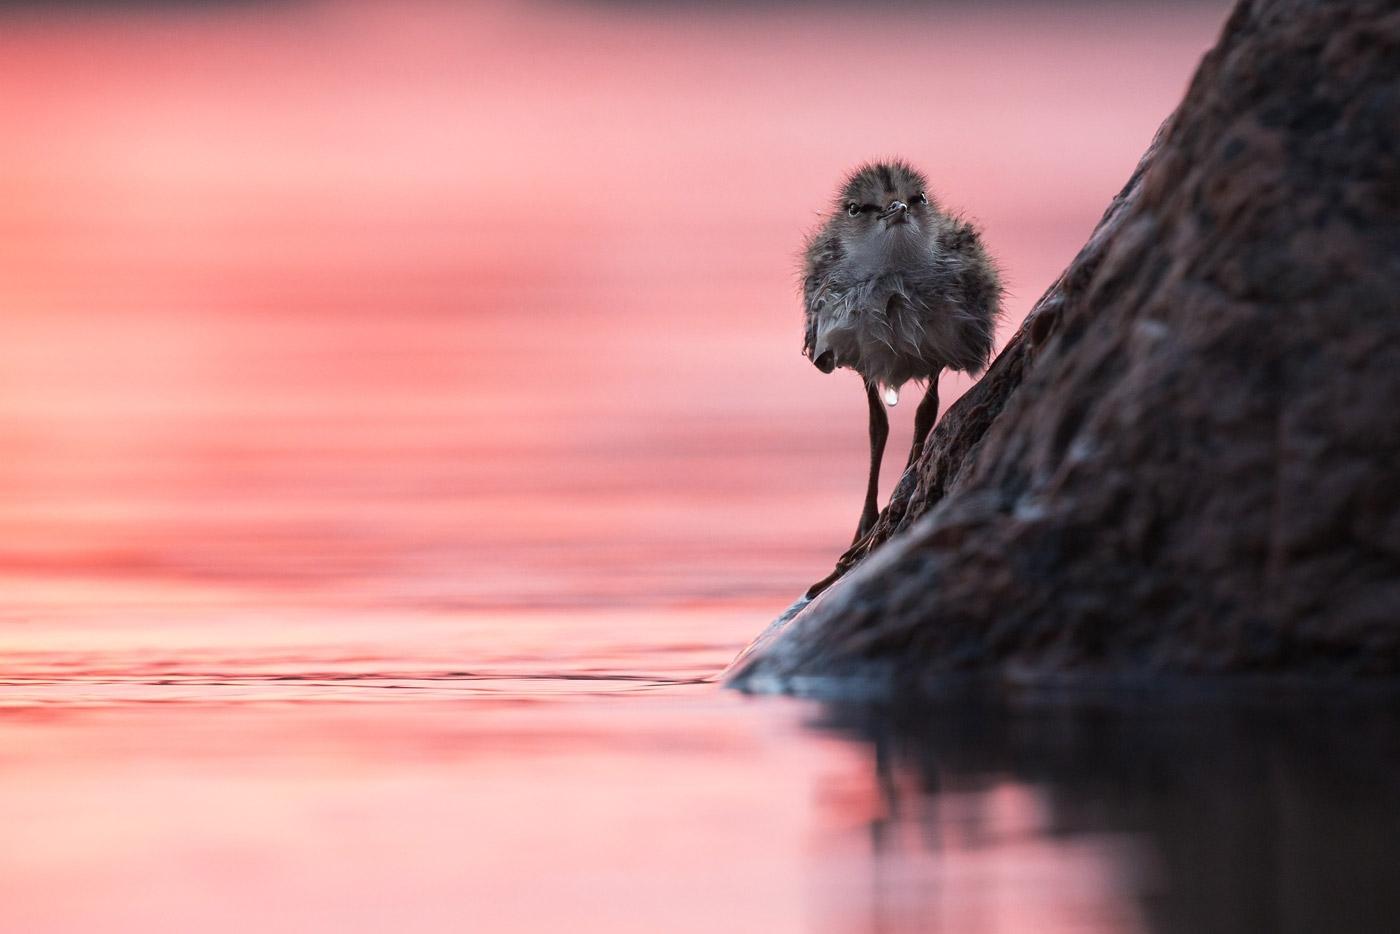 На рассвете, © Светлана Байбекова, 1-е место в номинации «Птицы», Фотоконкурс «Дикая природа России» от National Geographic